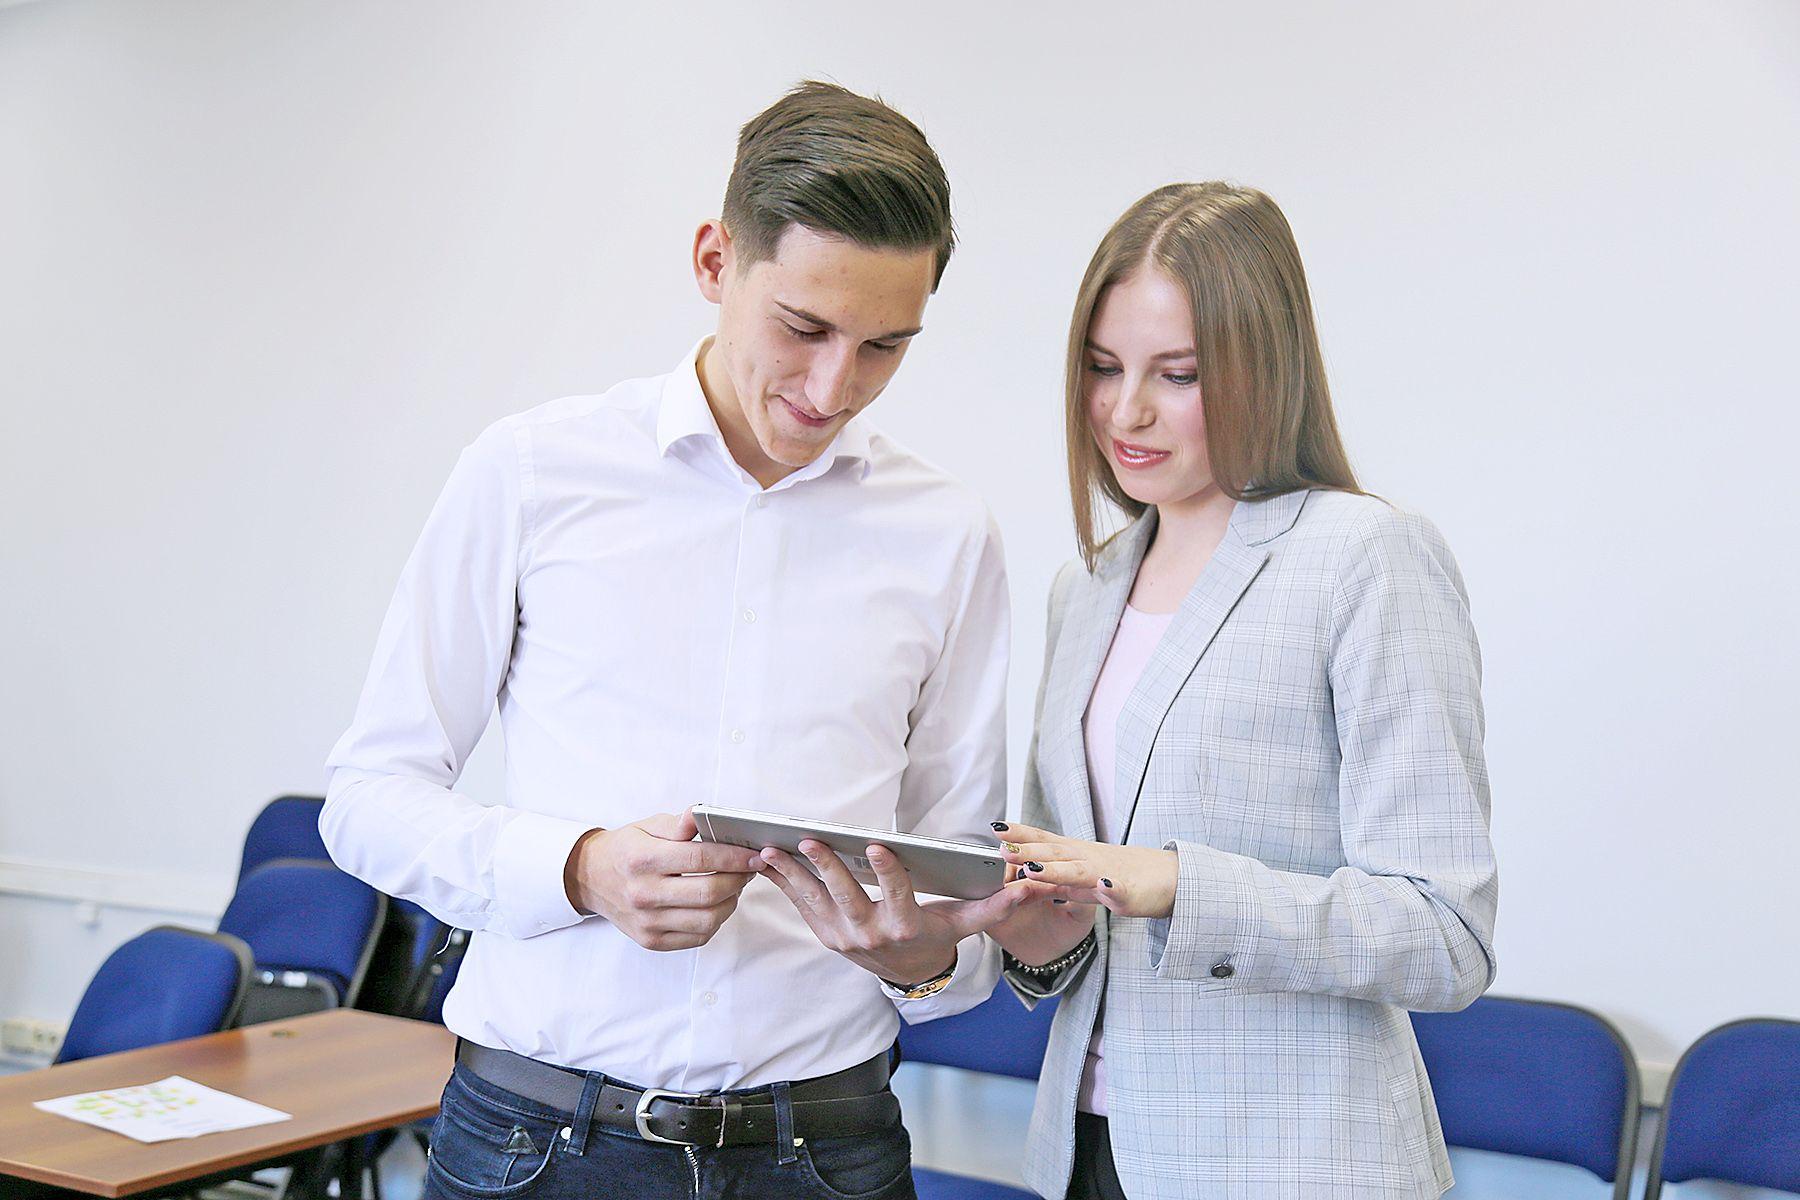 Эксперт ВГУЭС: HR-менеджер – многопрофильный специалист, востребованный на рынке труда